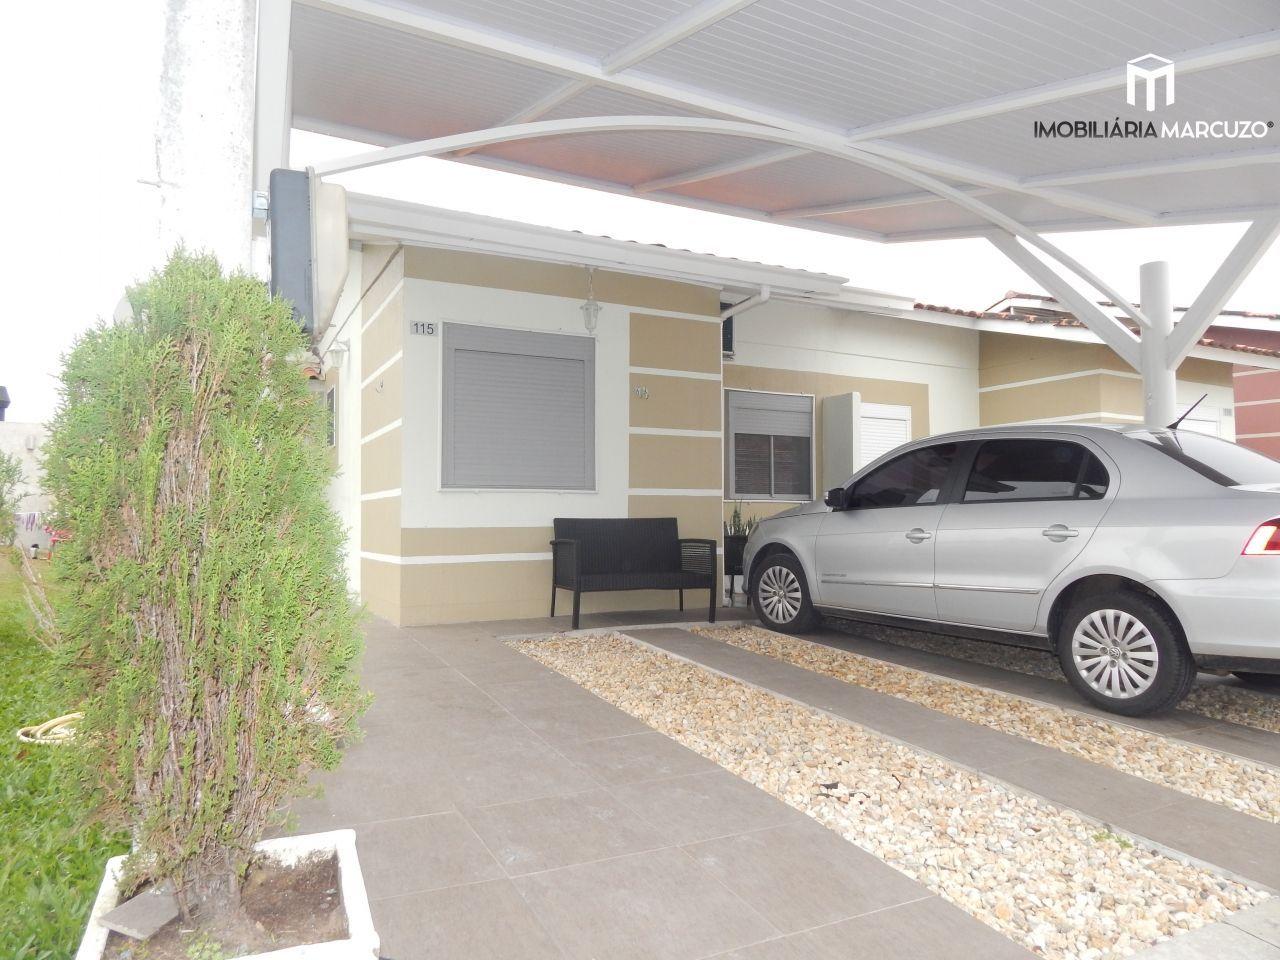 Casa com 3 Dormitórios à venda, 115 m² por R$ 405.000,00